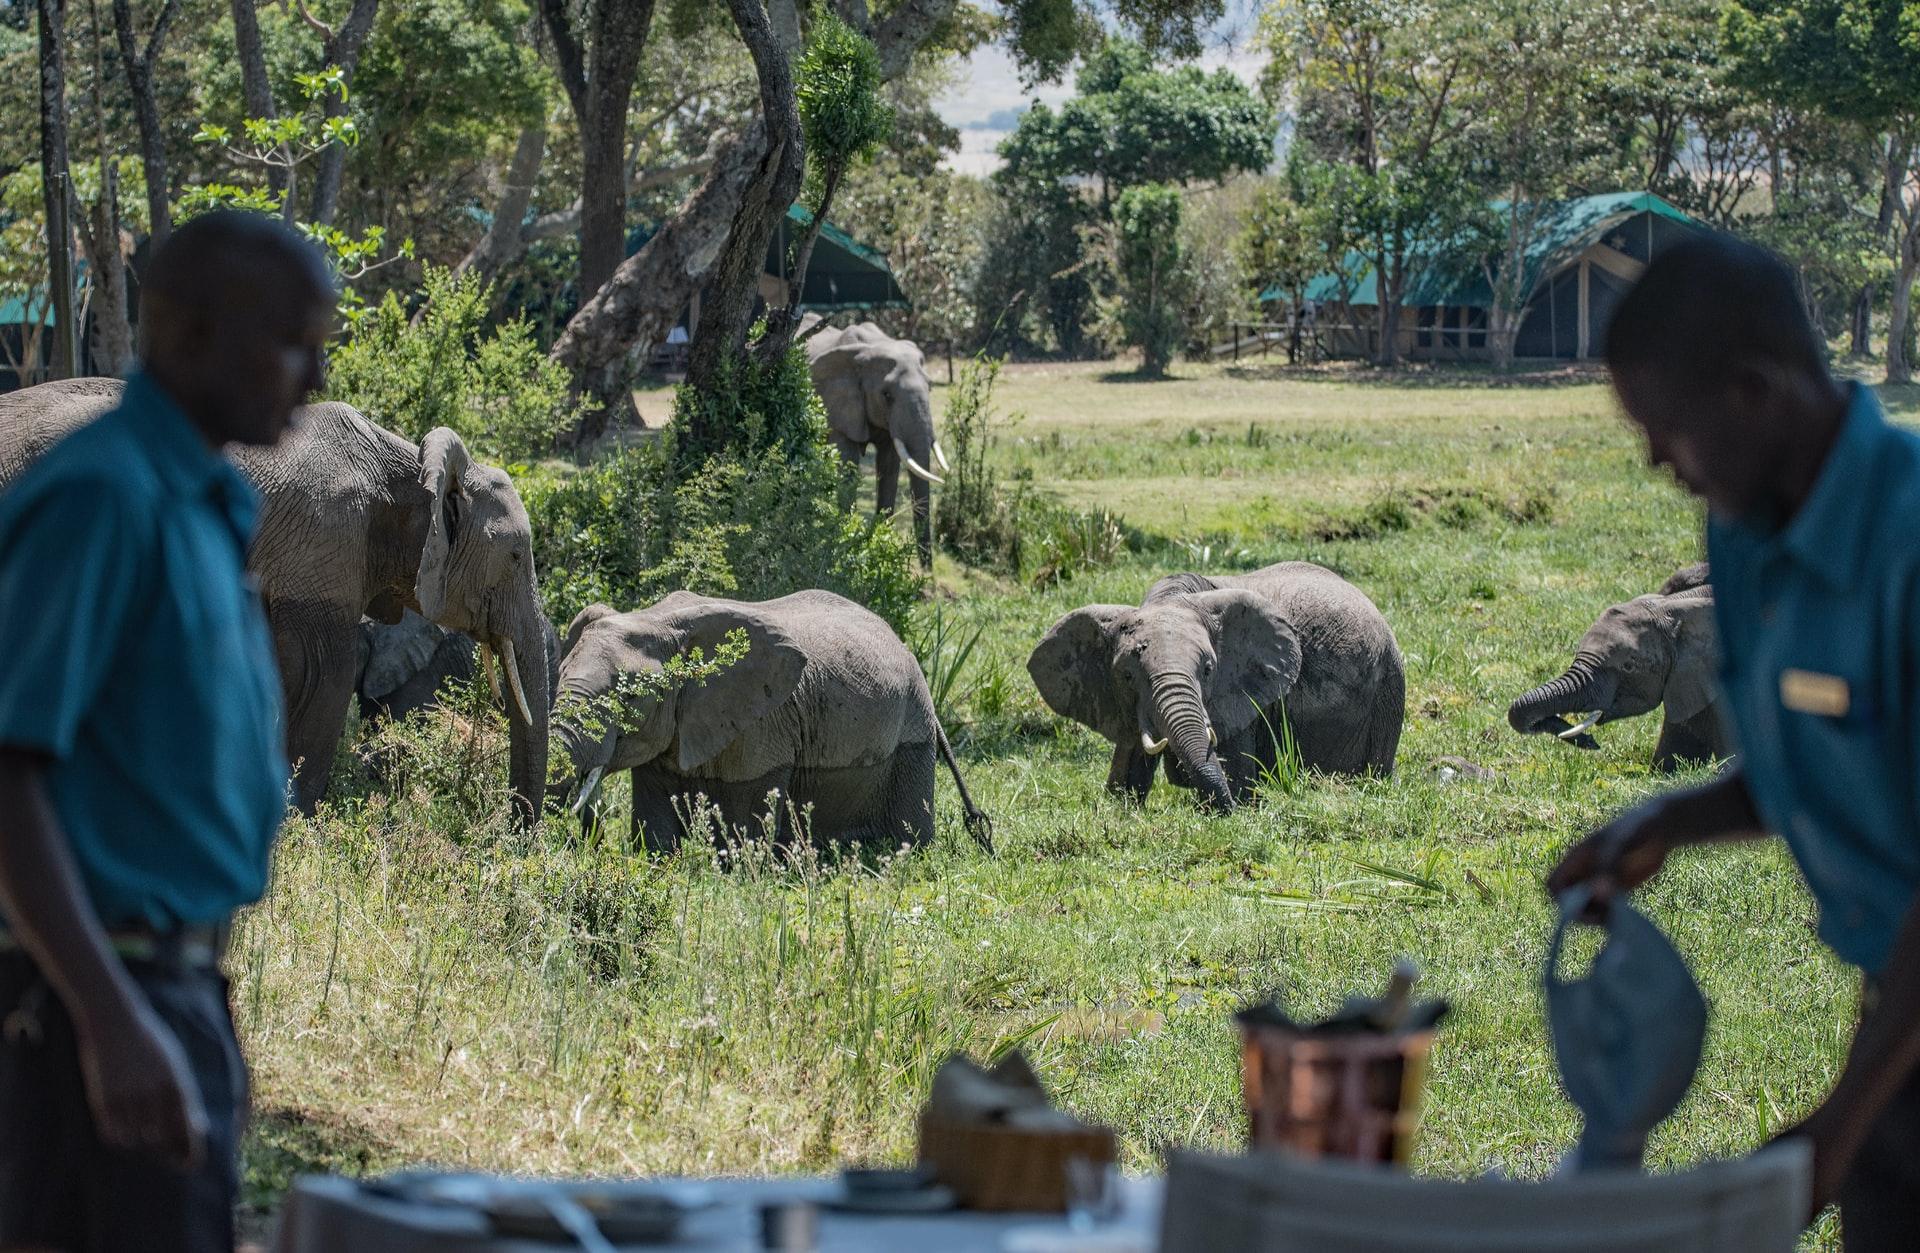 Elephant takeover